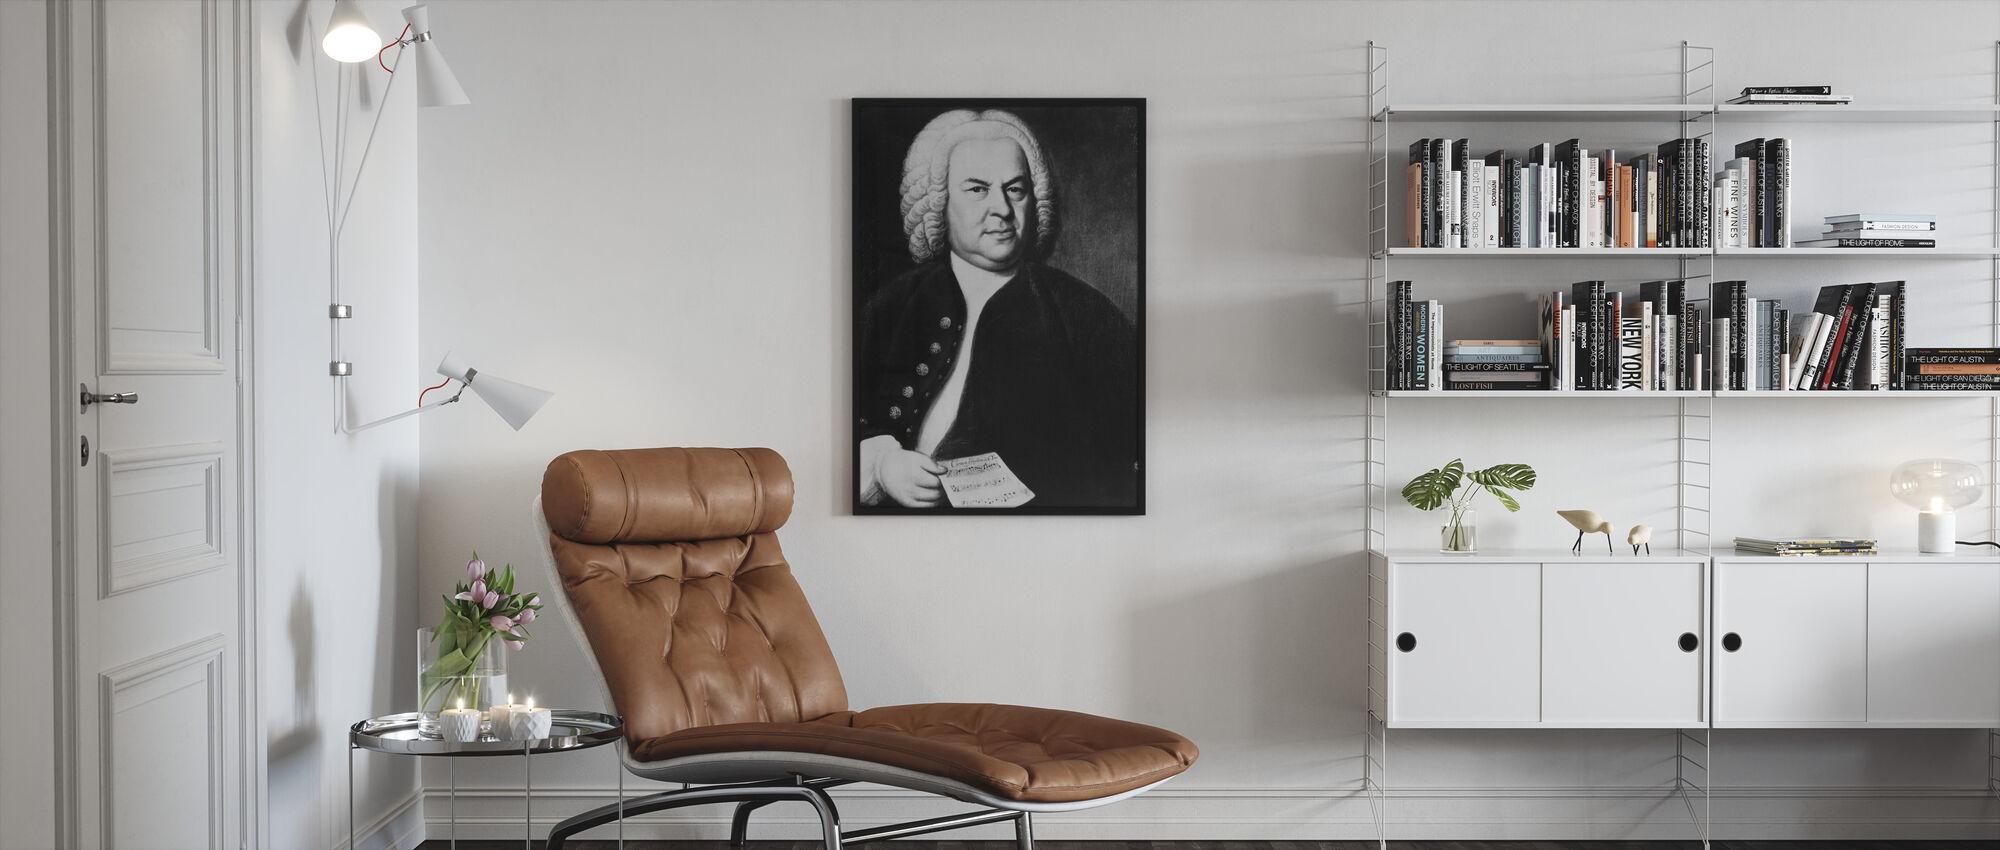 Johann Sebastian Bach - Framed print - Living Room